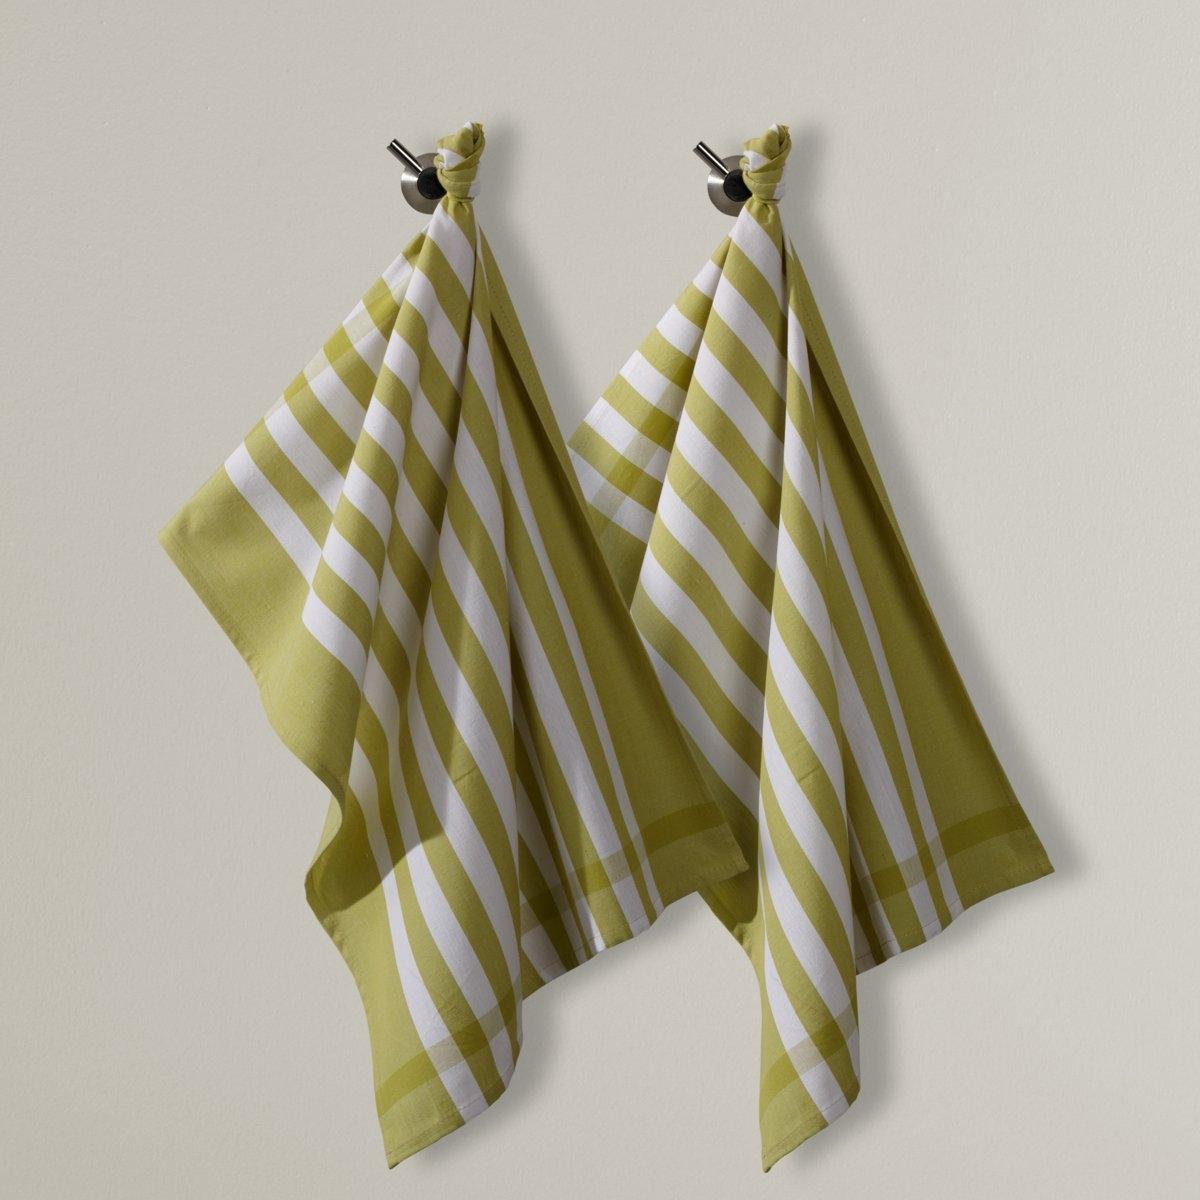 2 полотенца кухонных2 кухонных полотенца в полоску, 100% хлопка. Превосходная стойкость цвета, прочность и отличные впитывающие свойства. Стирка при 60°C. Размер: 50 х 70 см. В комплекте 2 полотенца одного цвета.<br><br>Цвет: красный